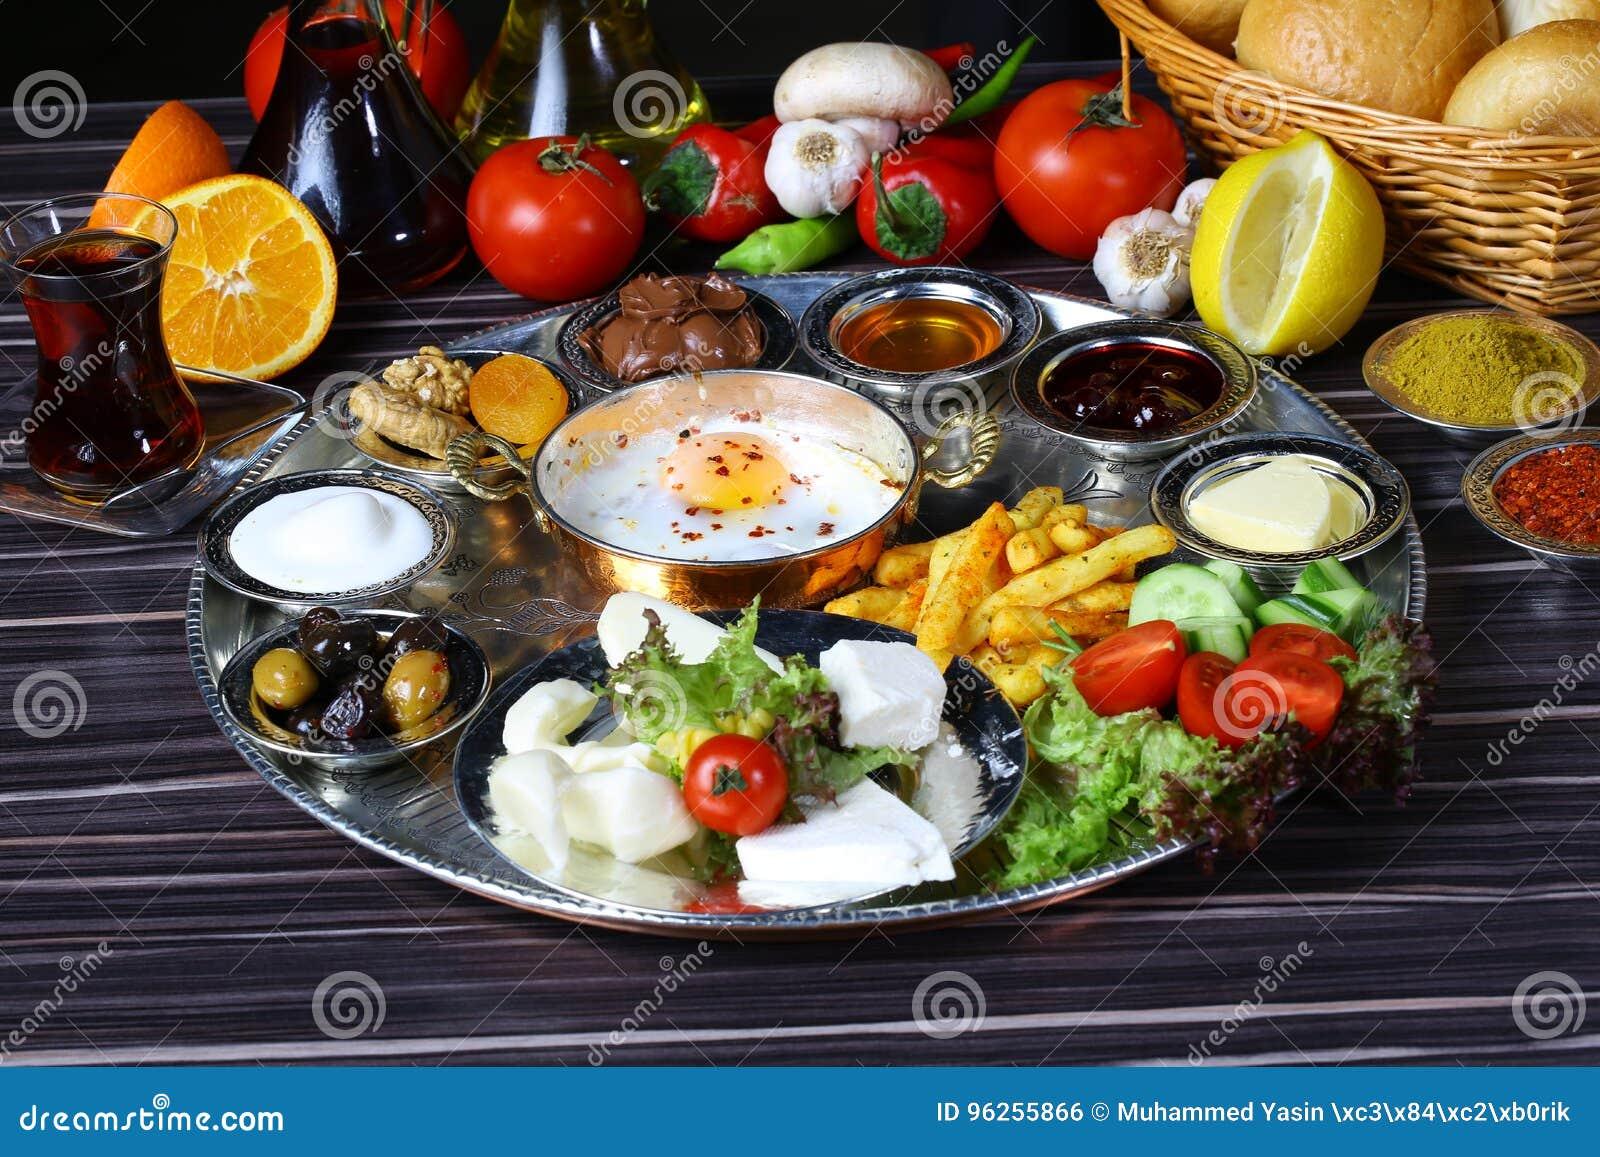 Download Türkisches Frühstück Stockfoto. Bild Von Honig, Bequemlichkeit    96255866